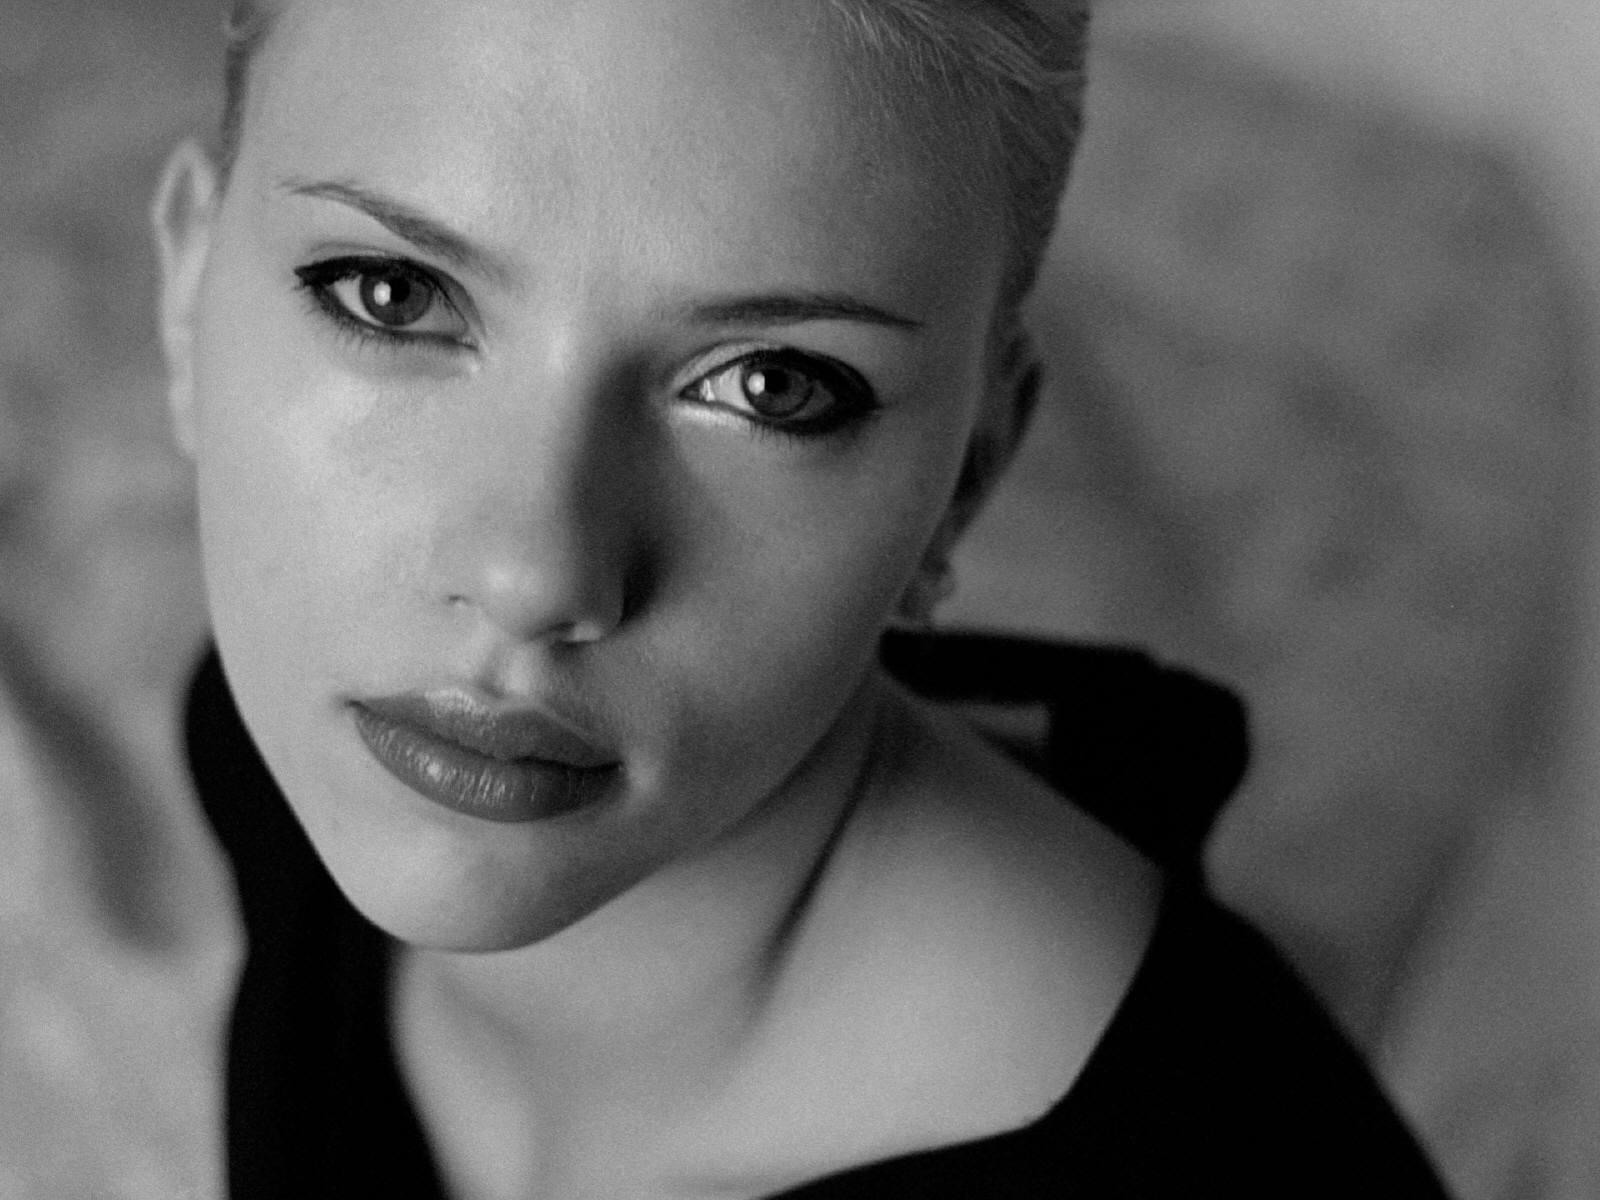 Wallpaper di Scarlett Johansson in bianco e nero